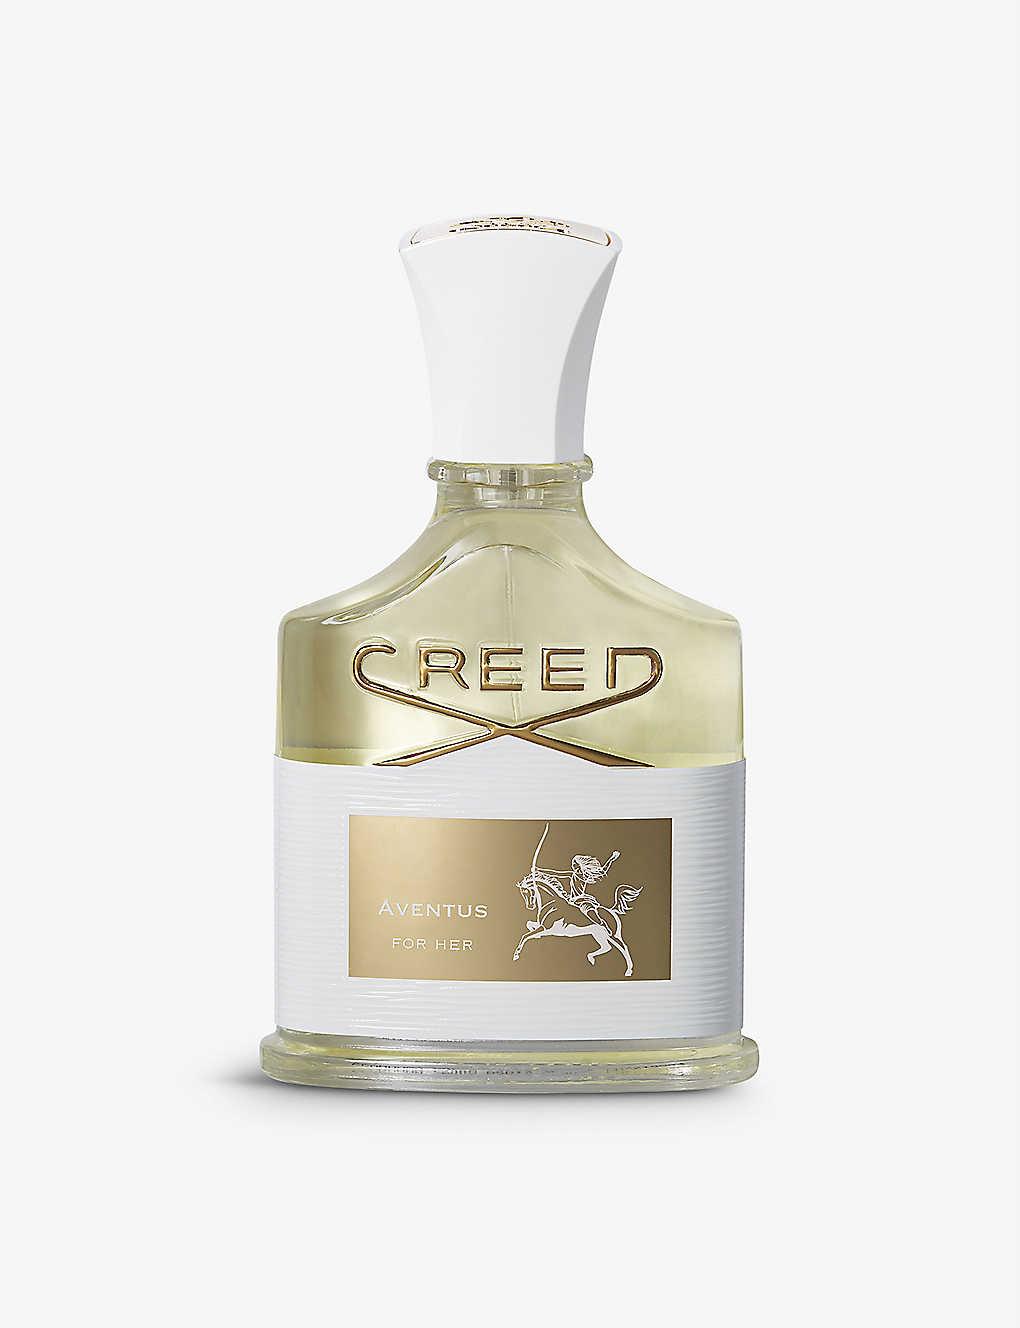 Creed beauty selfridges shop online creed aventus for her eau de parfum dhlflorist Images